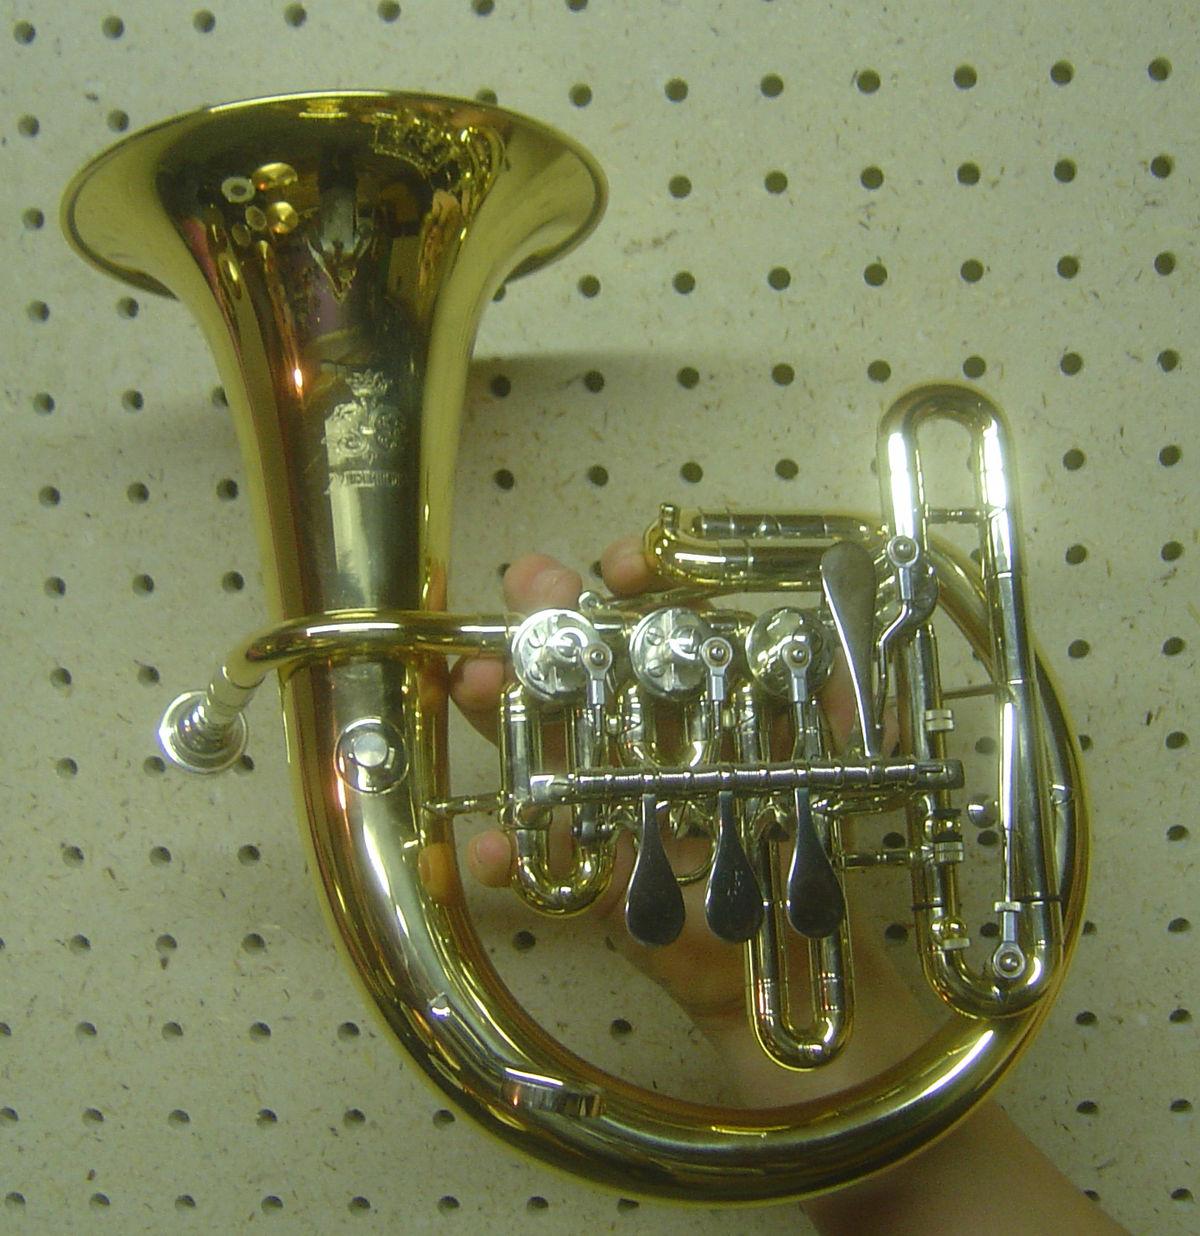 Soprano helicon - Wikipedia